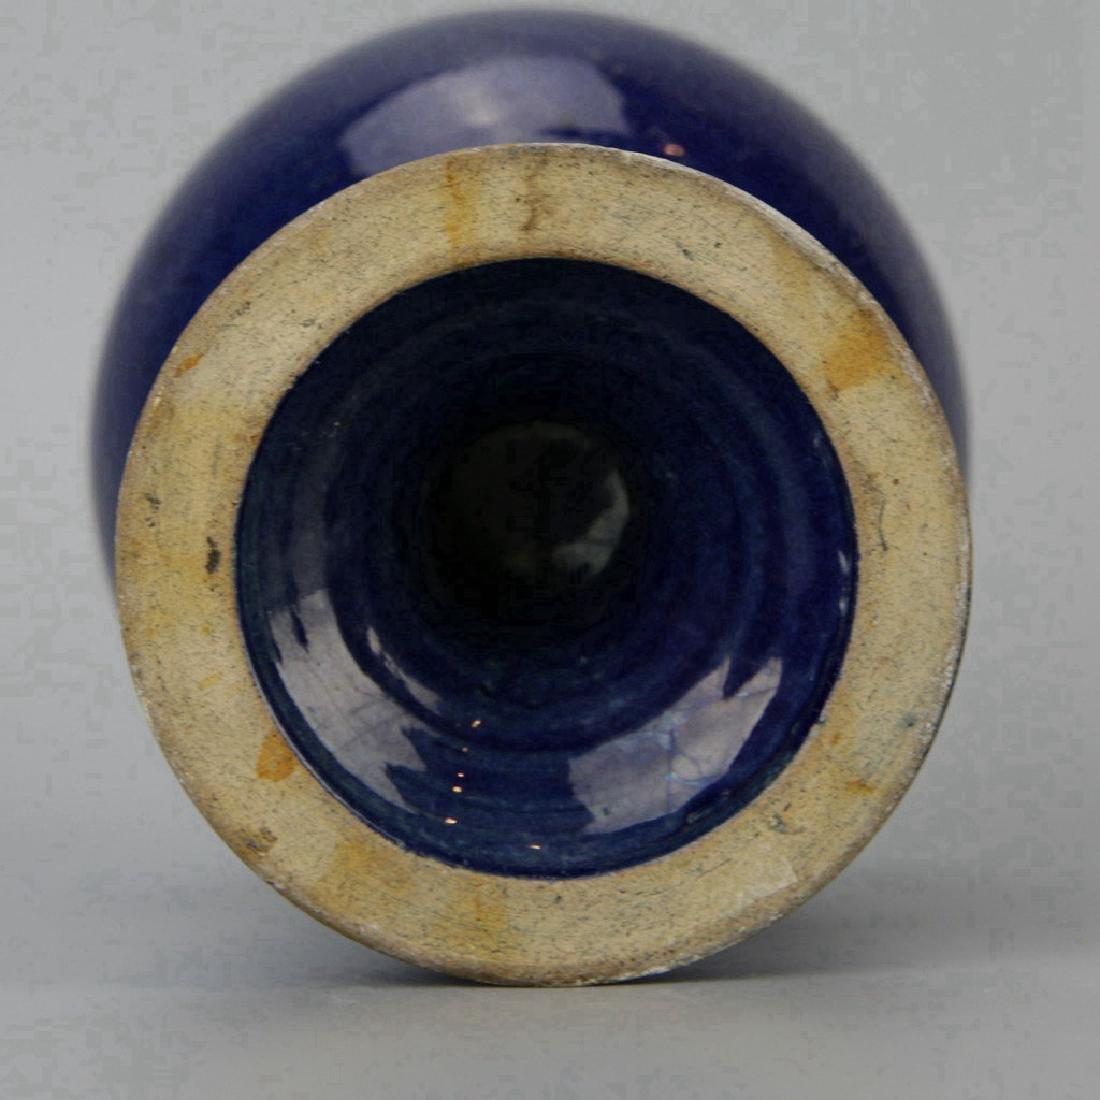 Chinese Cobalt Crackle Porcelain Vase - 4